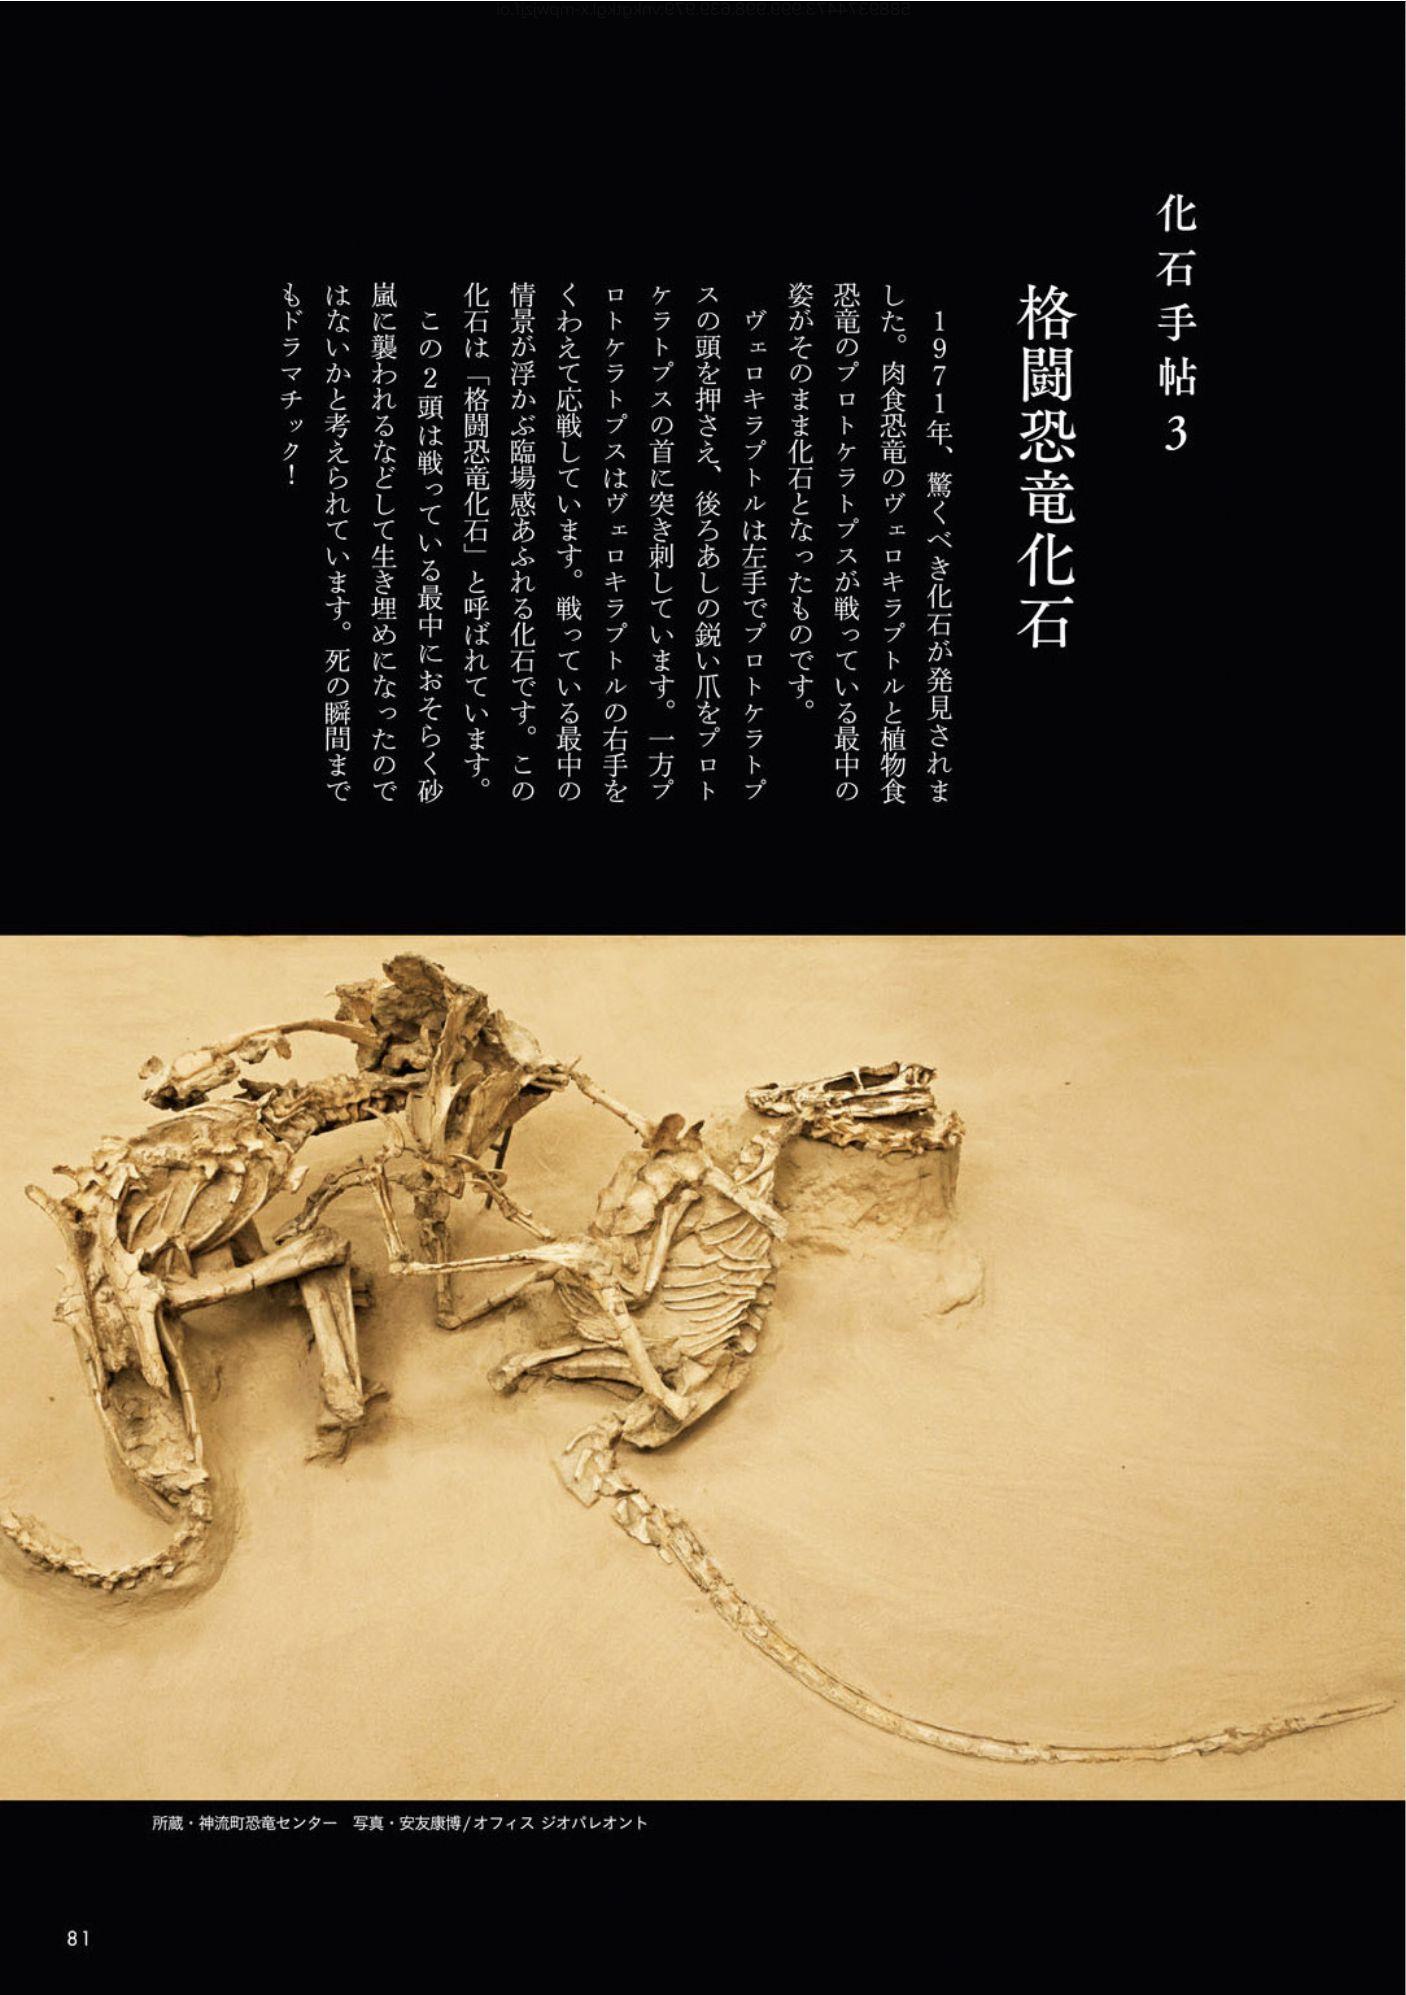 クワズイモとクマネズミと「ときめく化石図鑑」_c0025115_21575892.jpg